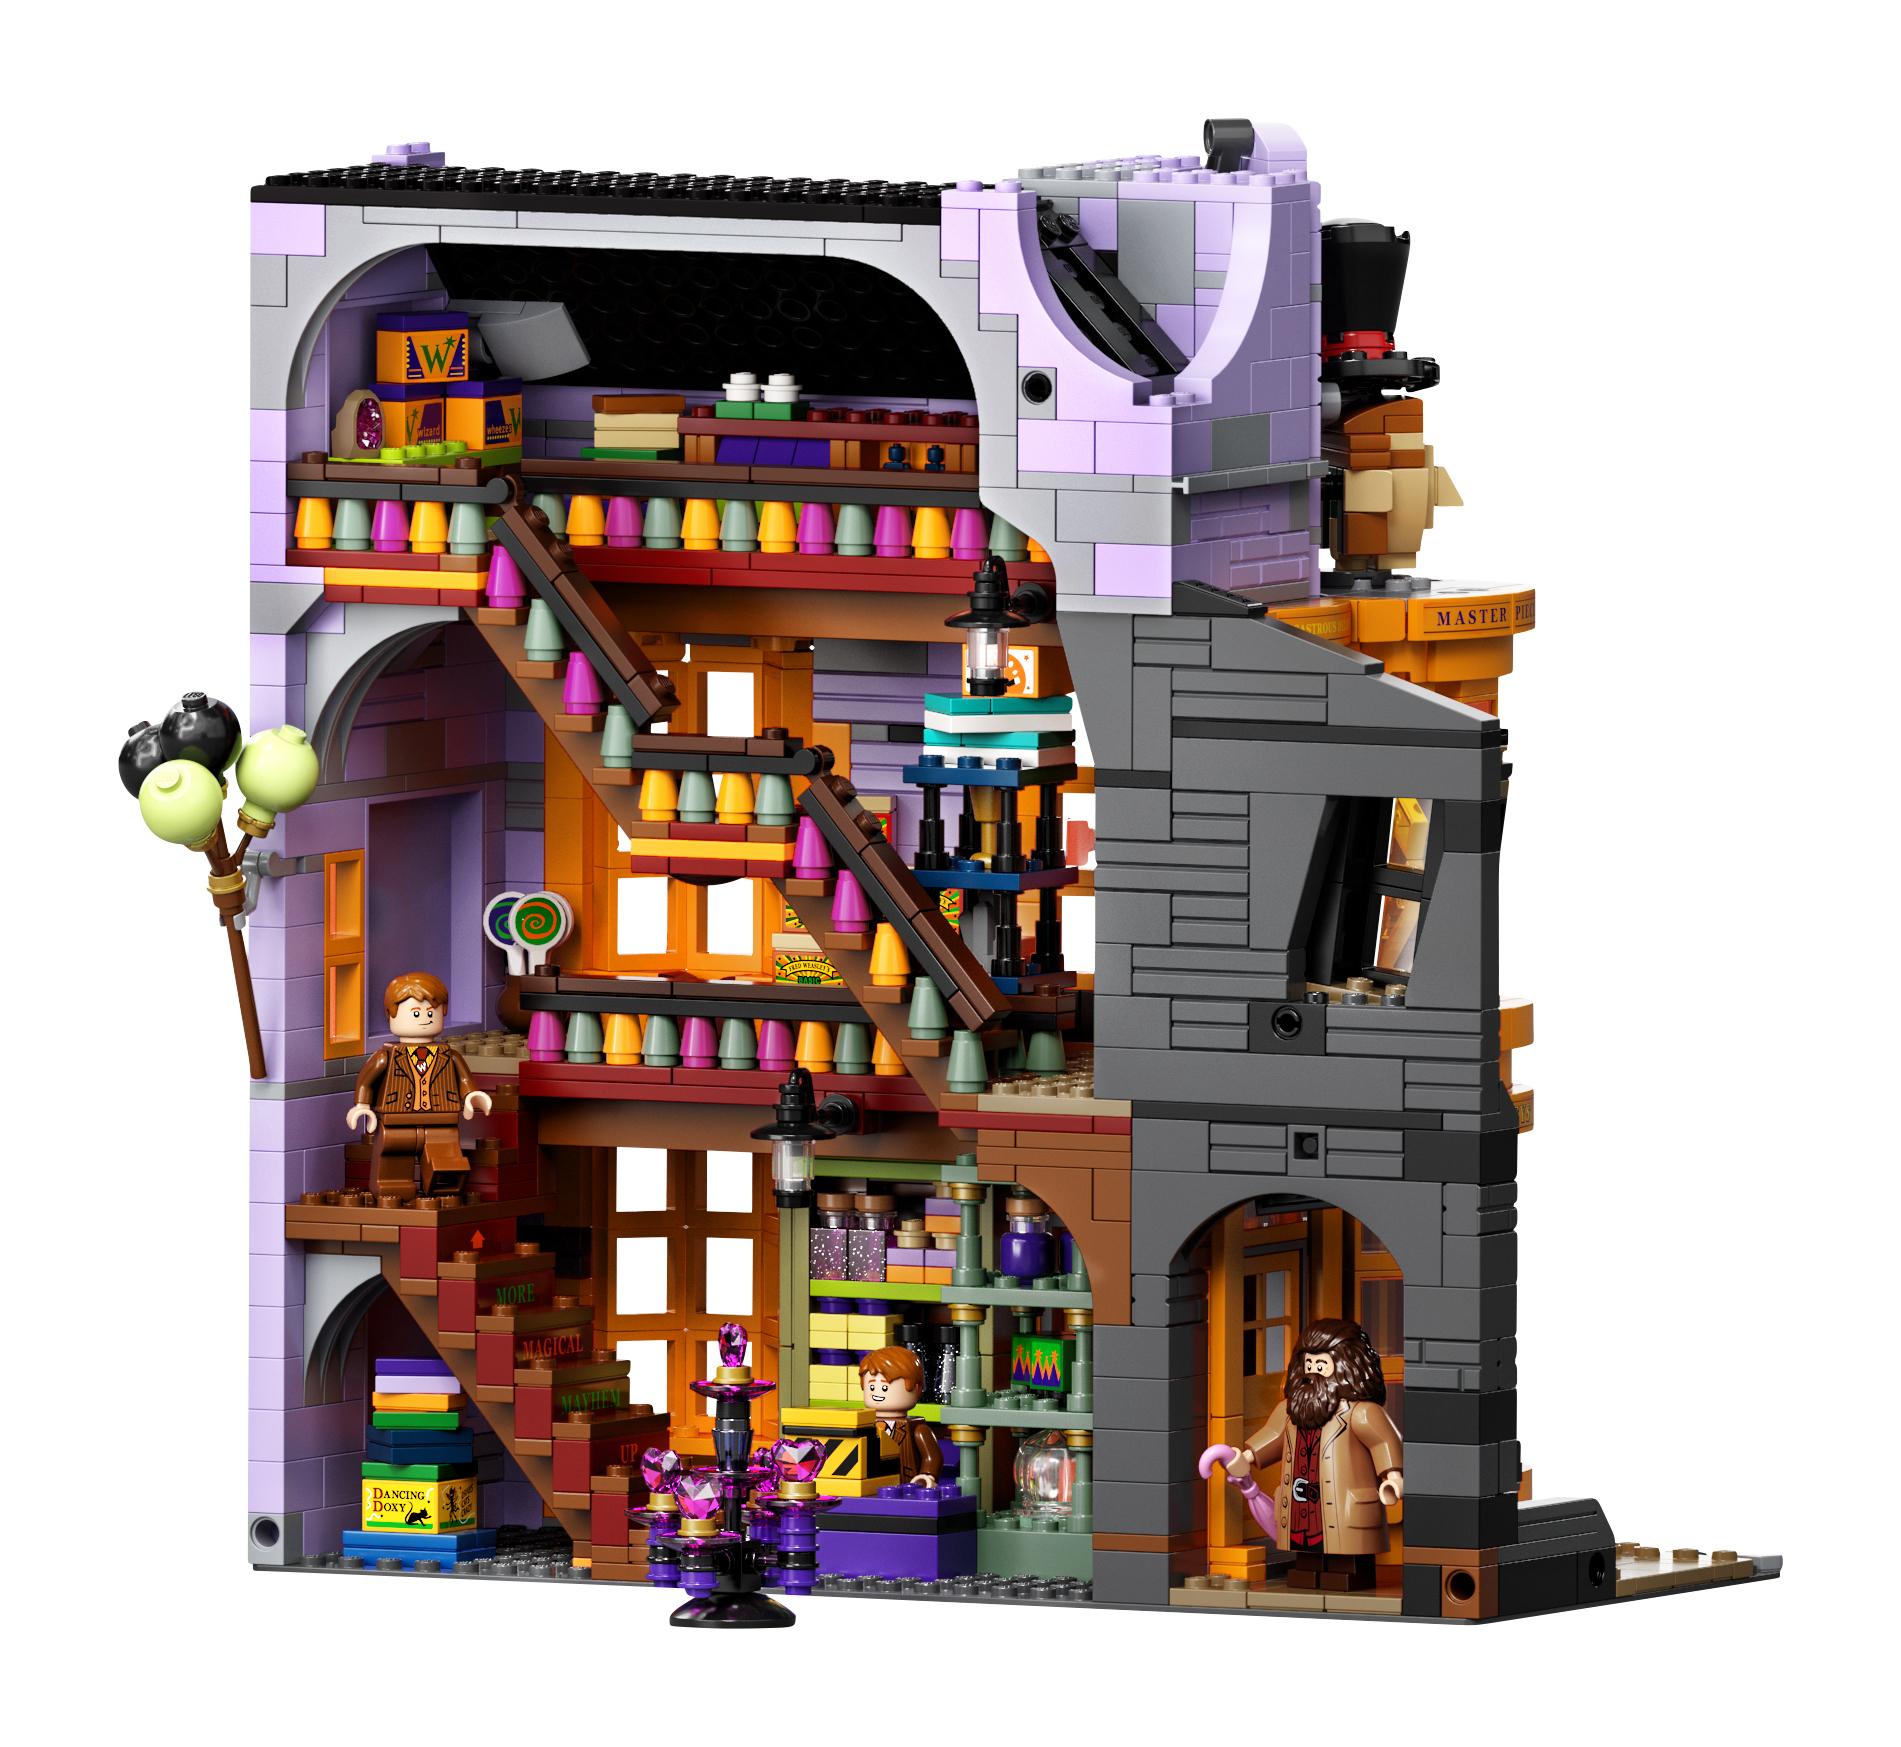 Le Chemin de Traverse en LEGO, version 2020, intérieur de magasin Weasley